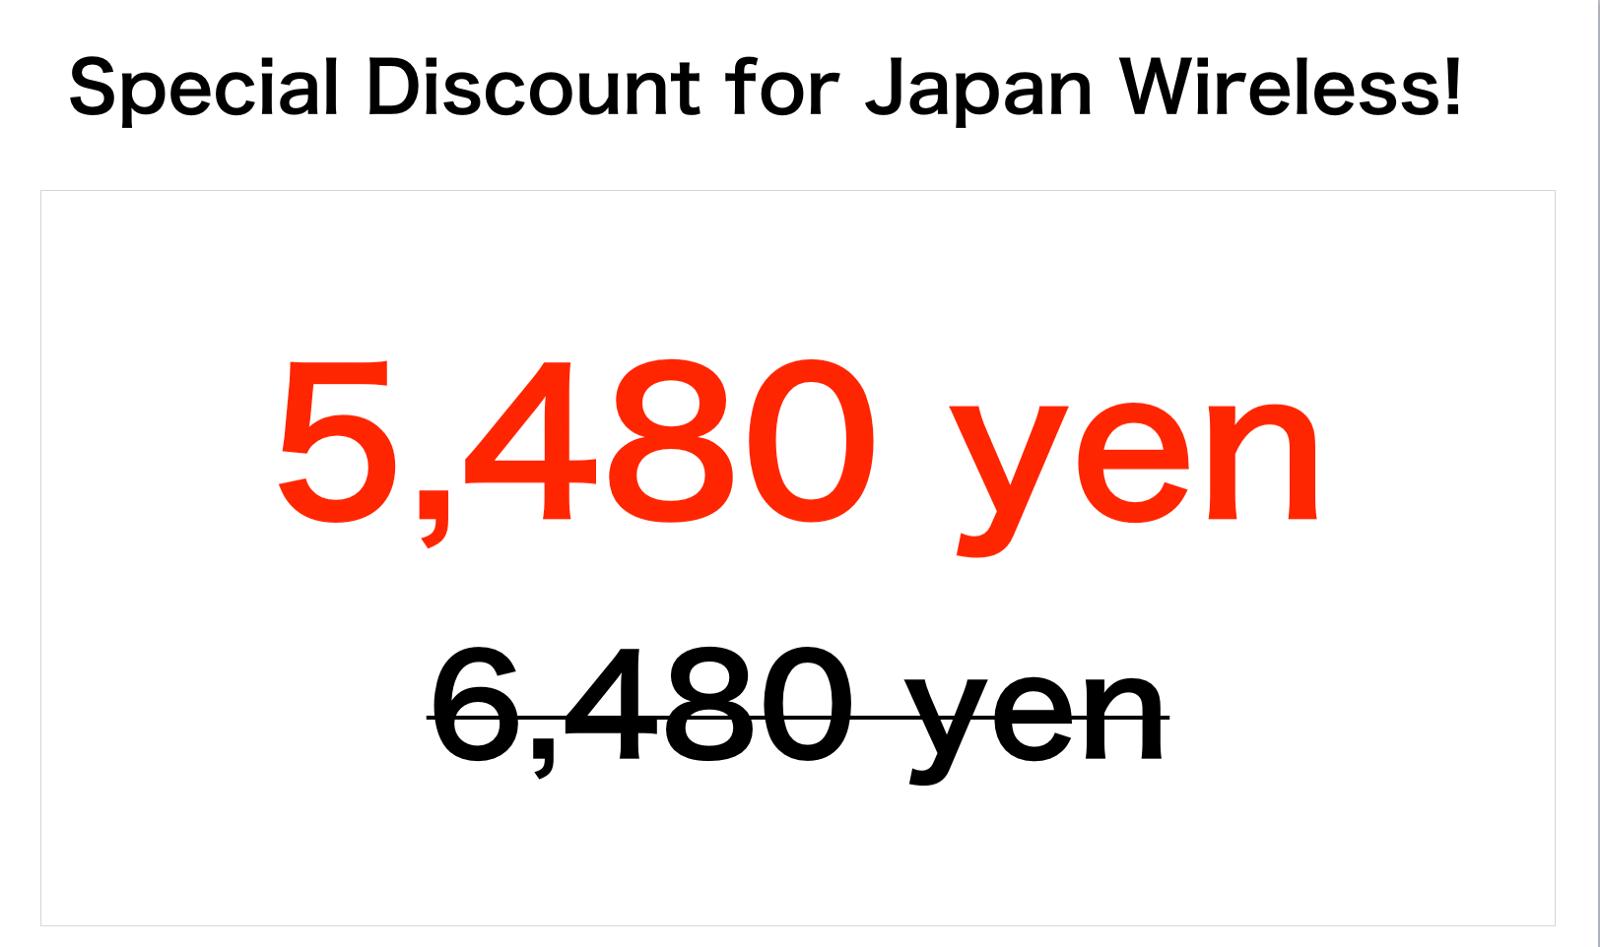 Japan-Wireless: Best Rental Pocket WiFi in Japan!! - Japan